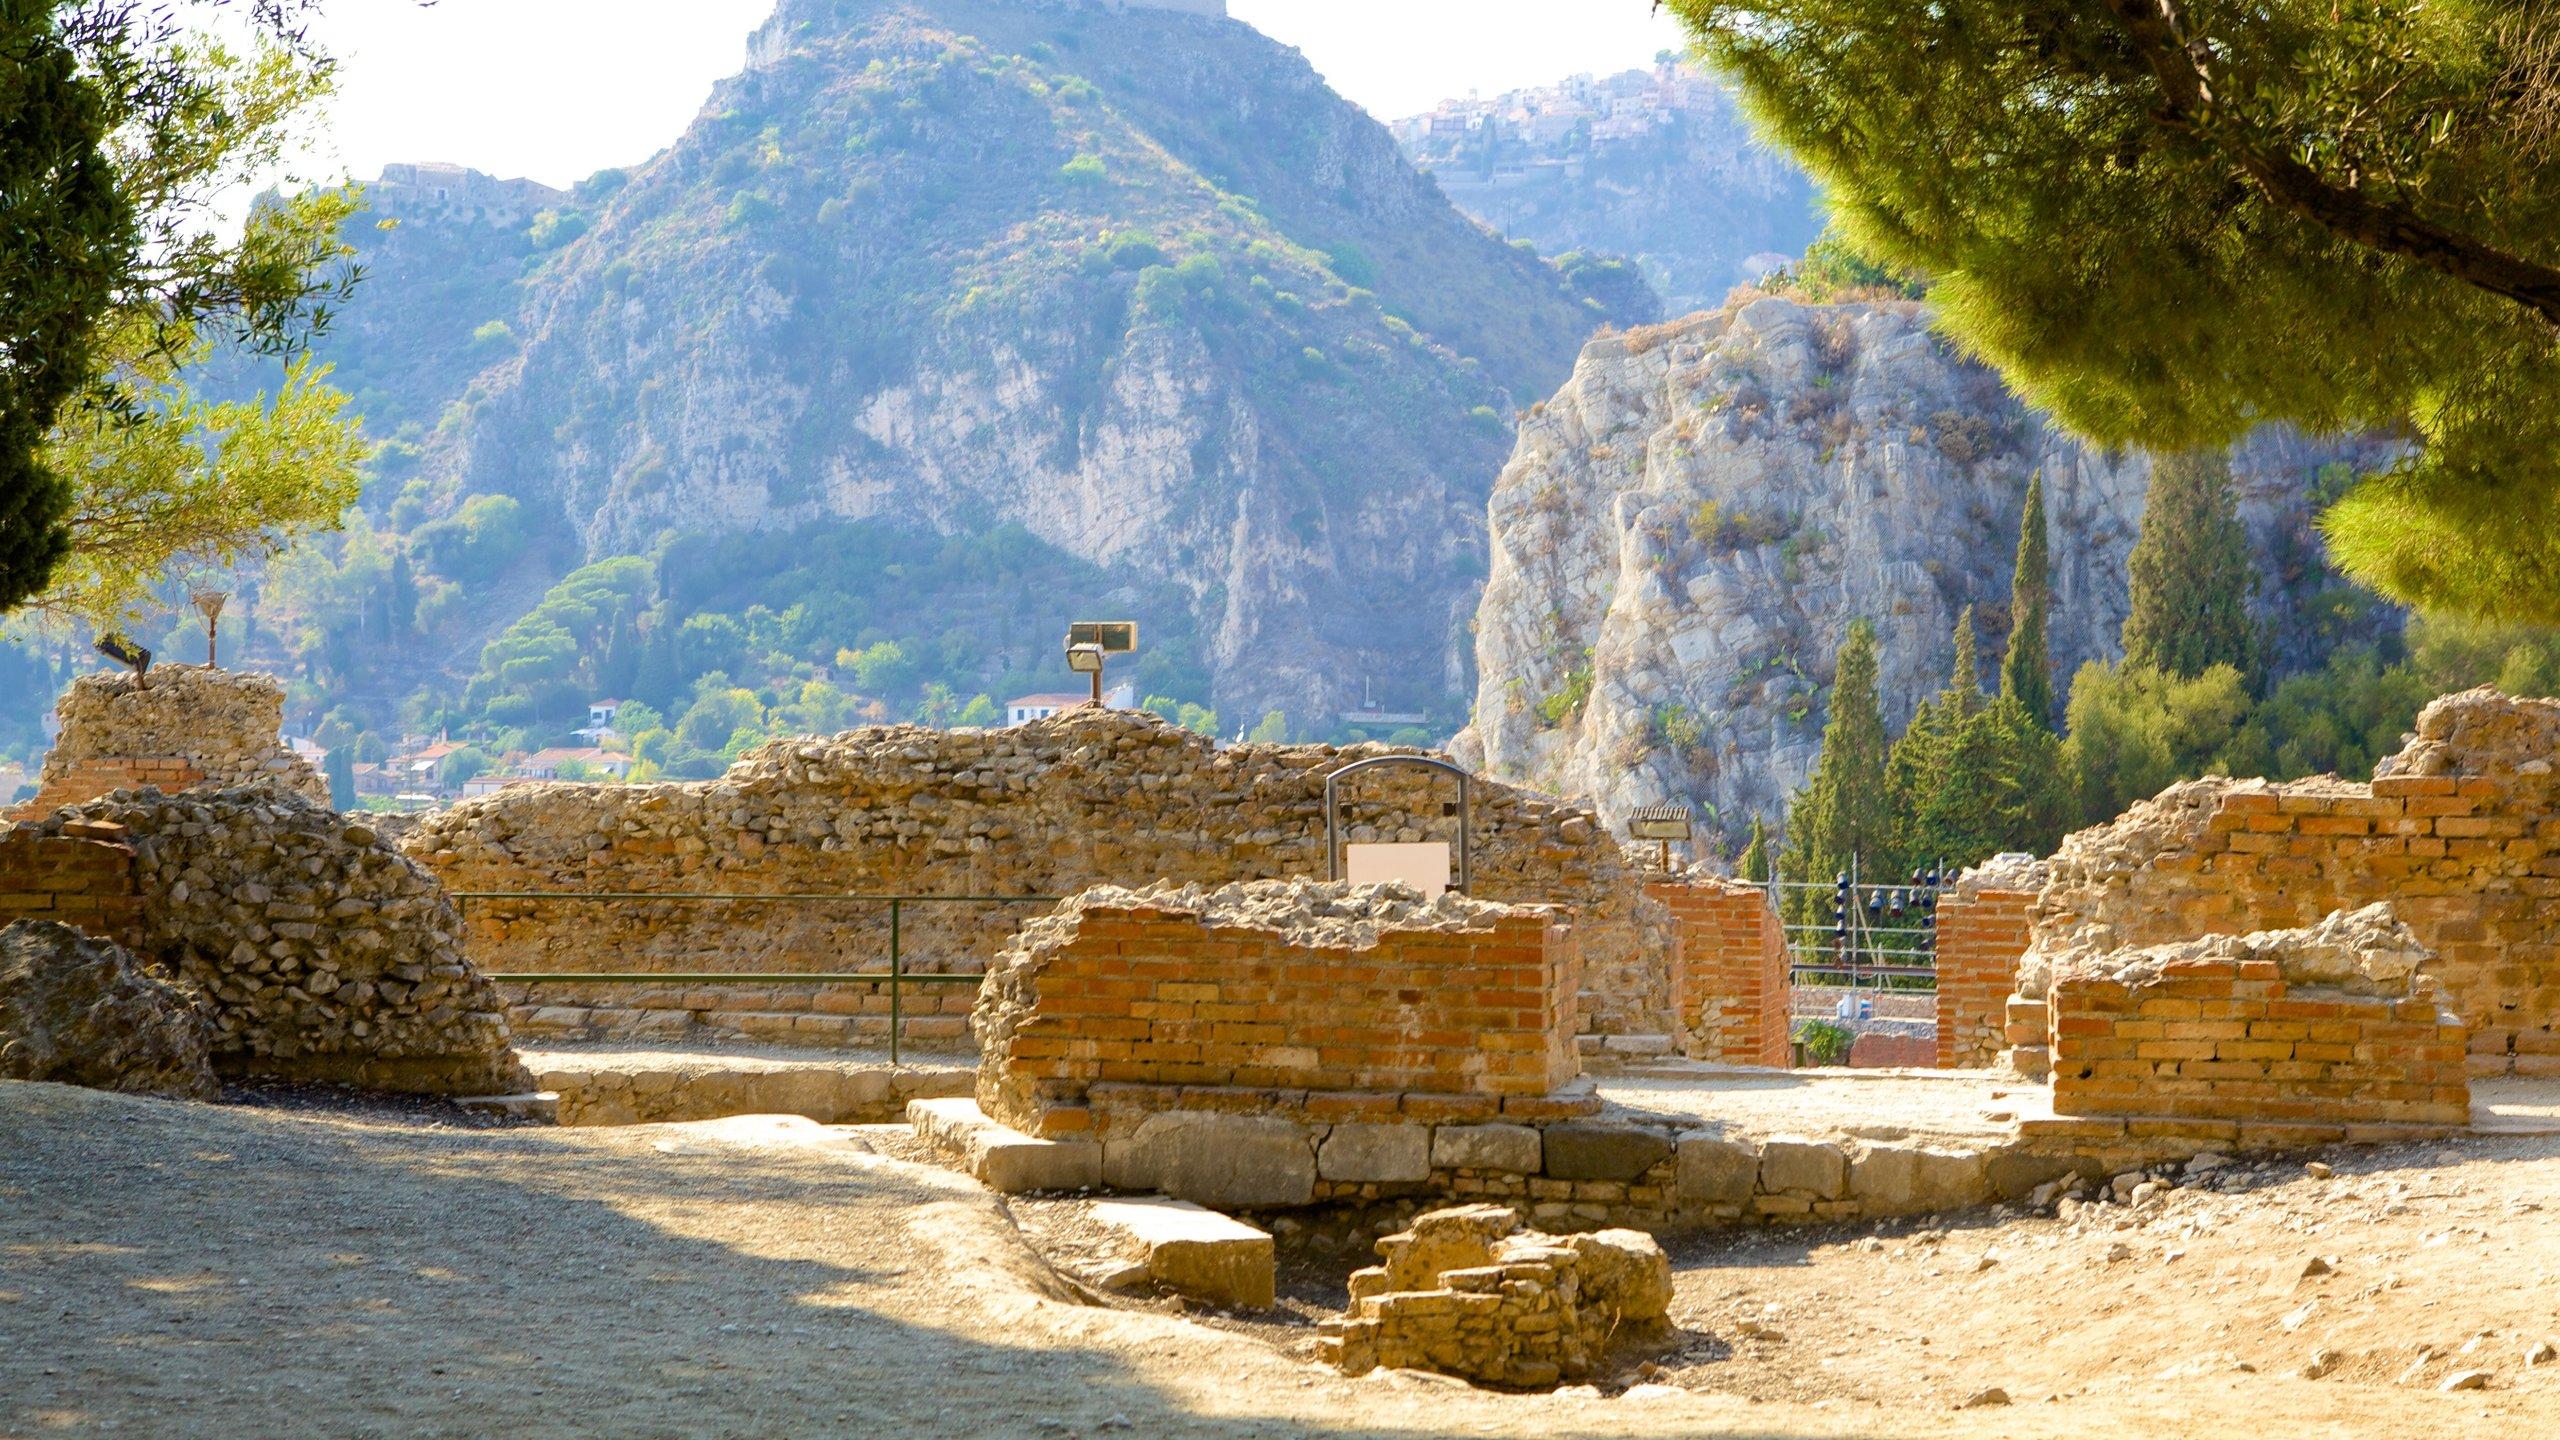 Freuen Sie sich auf einen Tagesausflug zu Seilbahn Taormina während Ihres Aufenthalts in Taormina. Erkunden Sie die traumhaften Strände und die Küste in dieser gemütlichen Gegend.